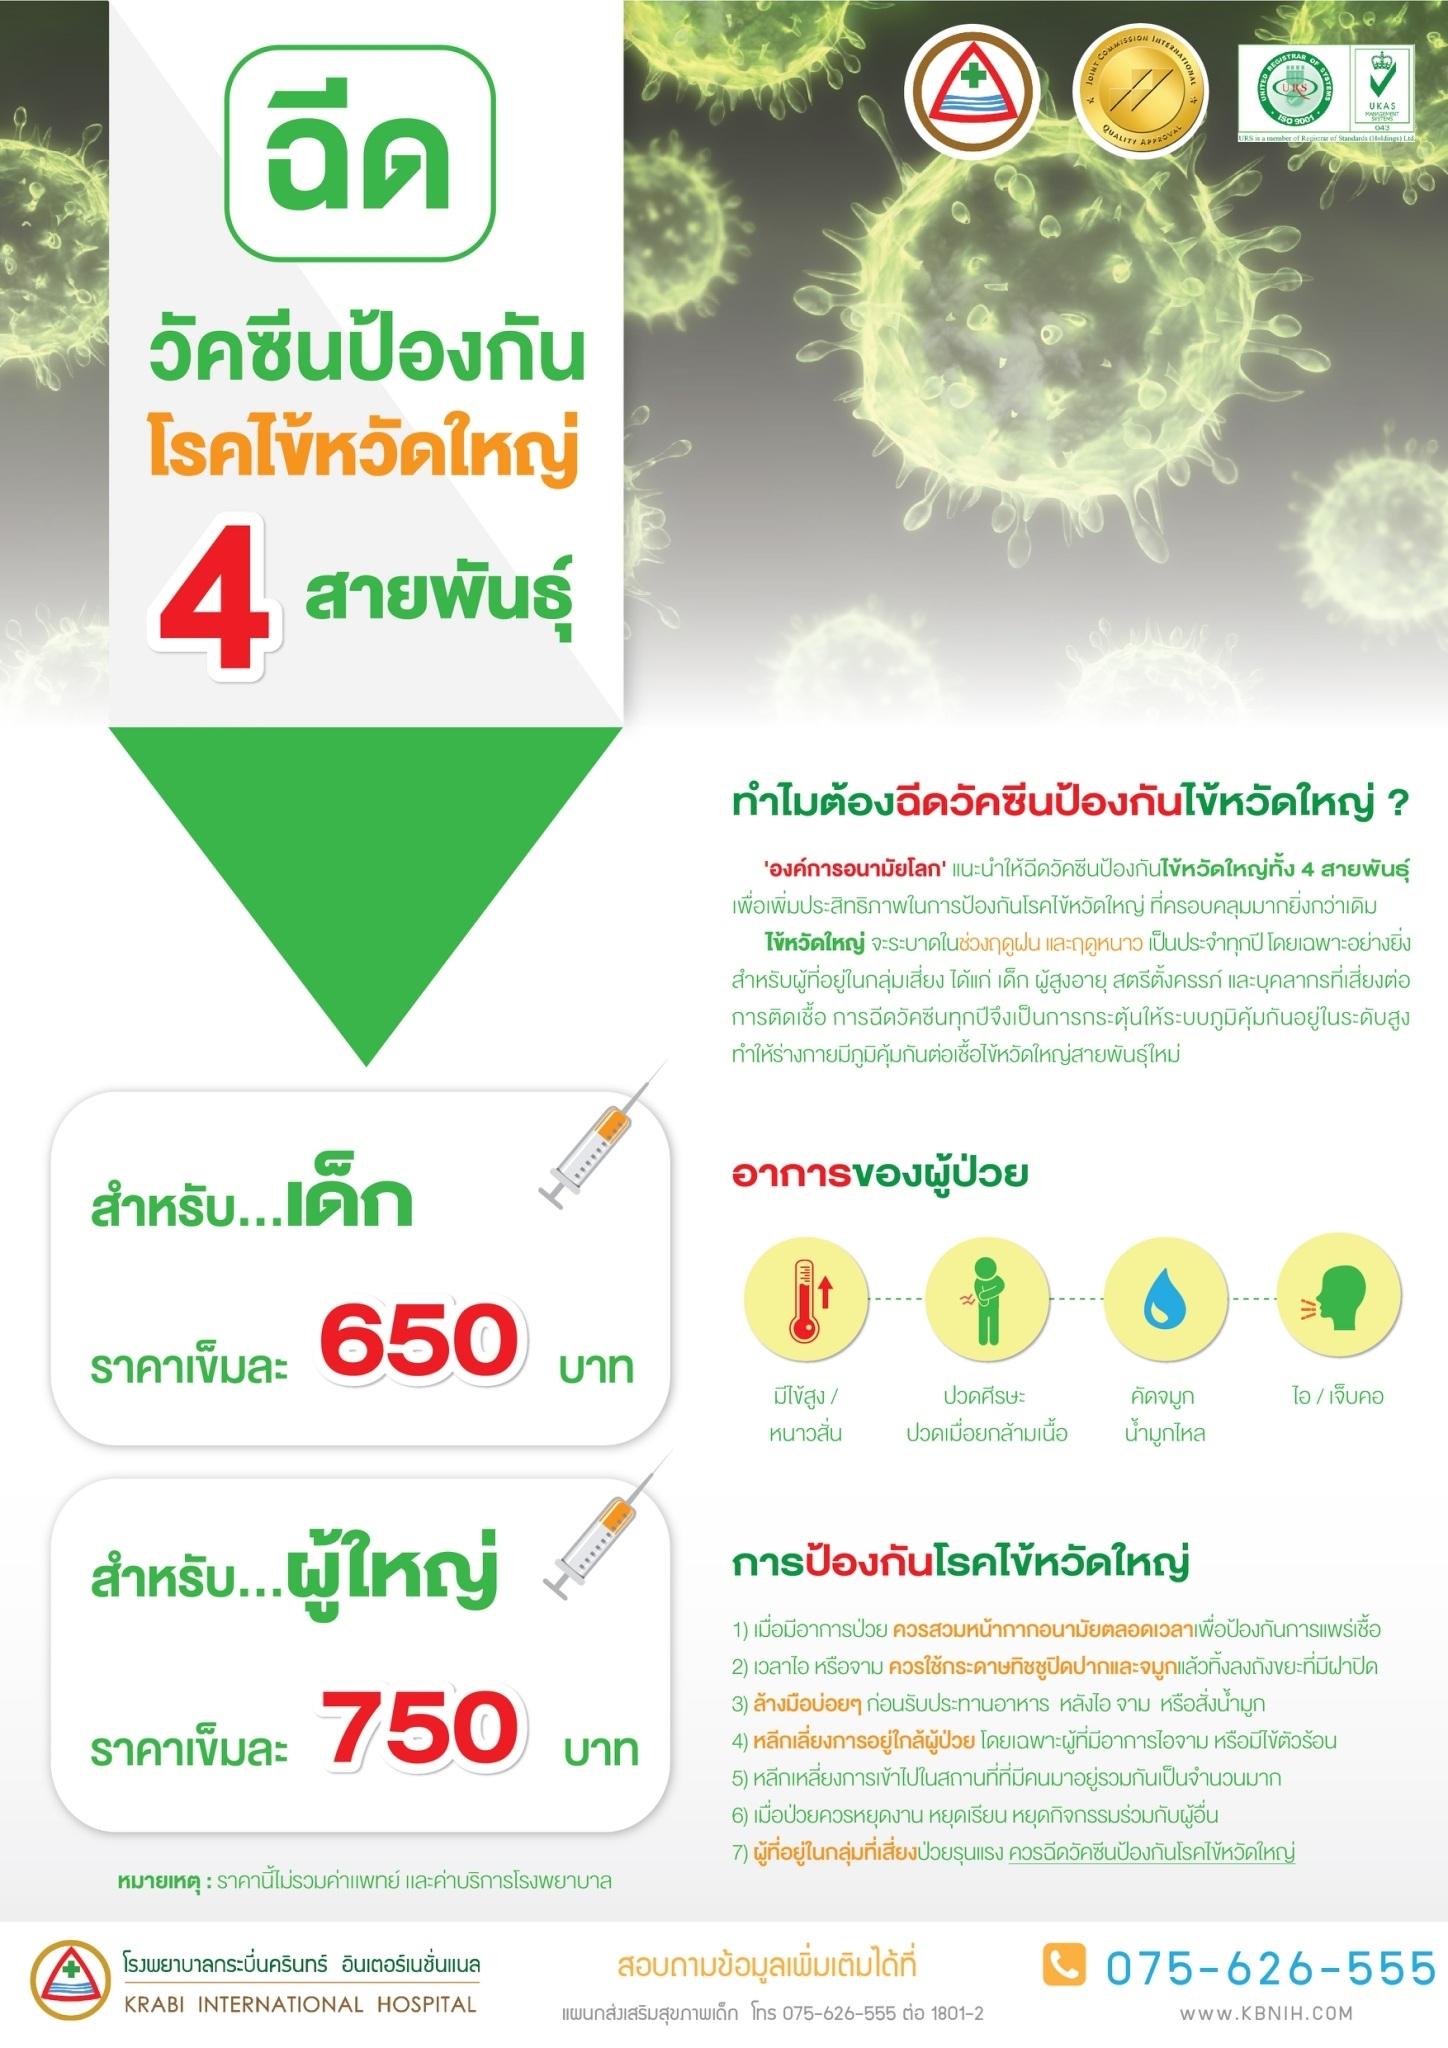 วัคซีนป้องกันโรคไข้หวัดใหญ่ 4 สายพันธุ์